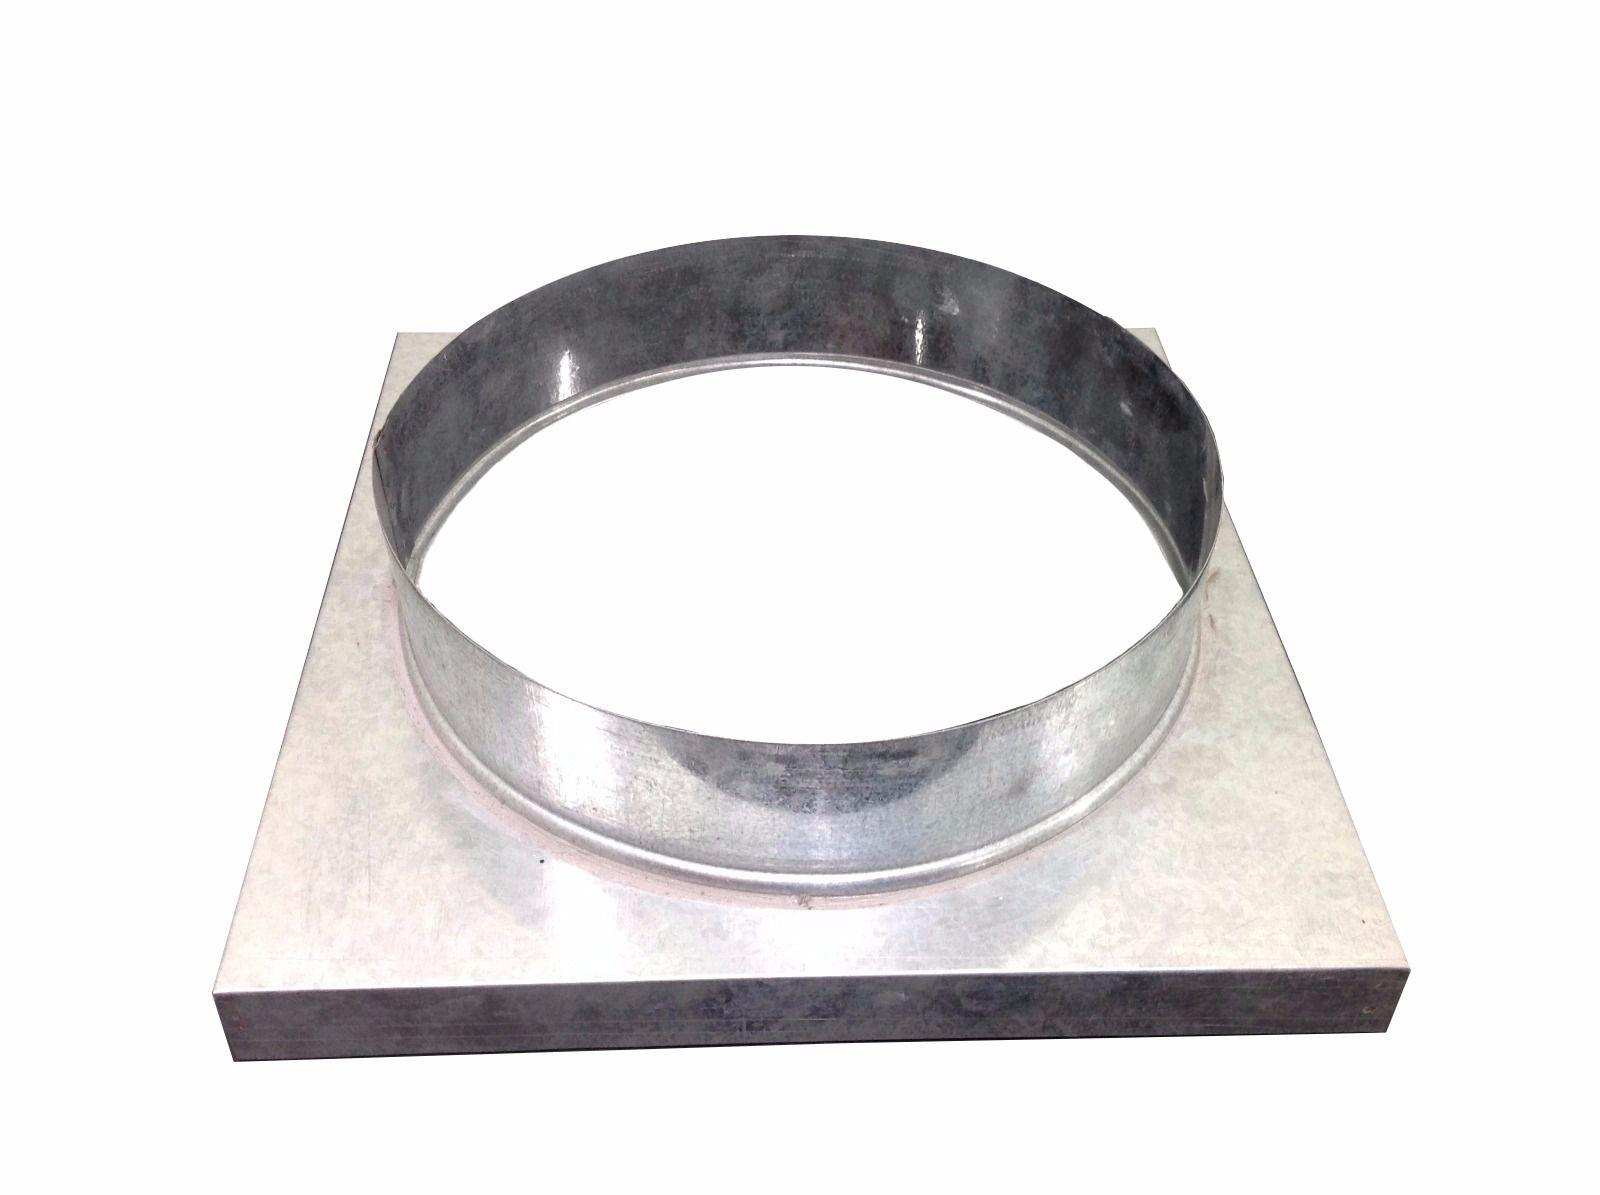 Adaptador galvanizado de quadrado 30,5 x 30,5 cm para redondo 230 mm de diâmetro  - Galvocalhas